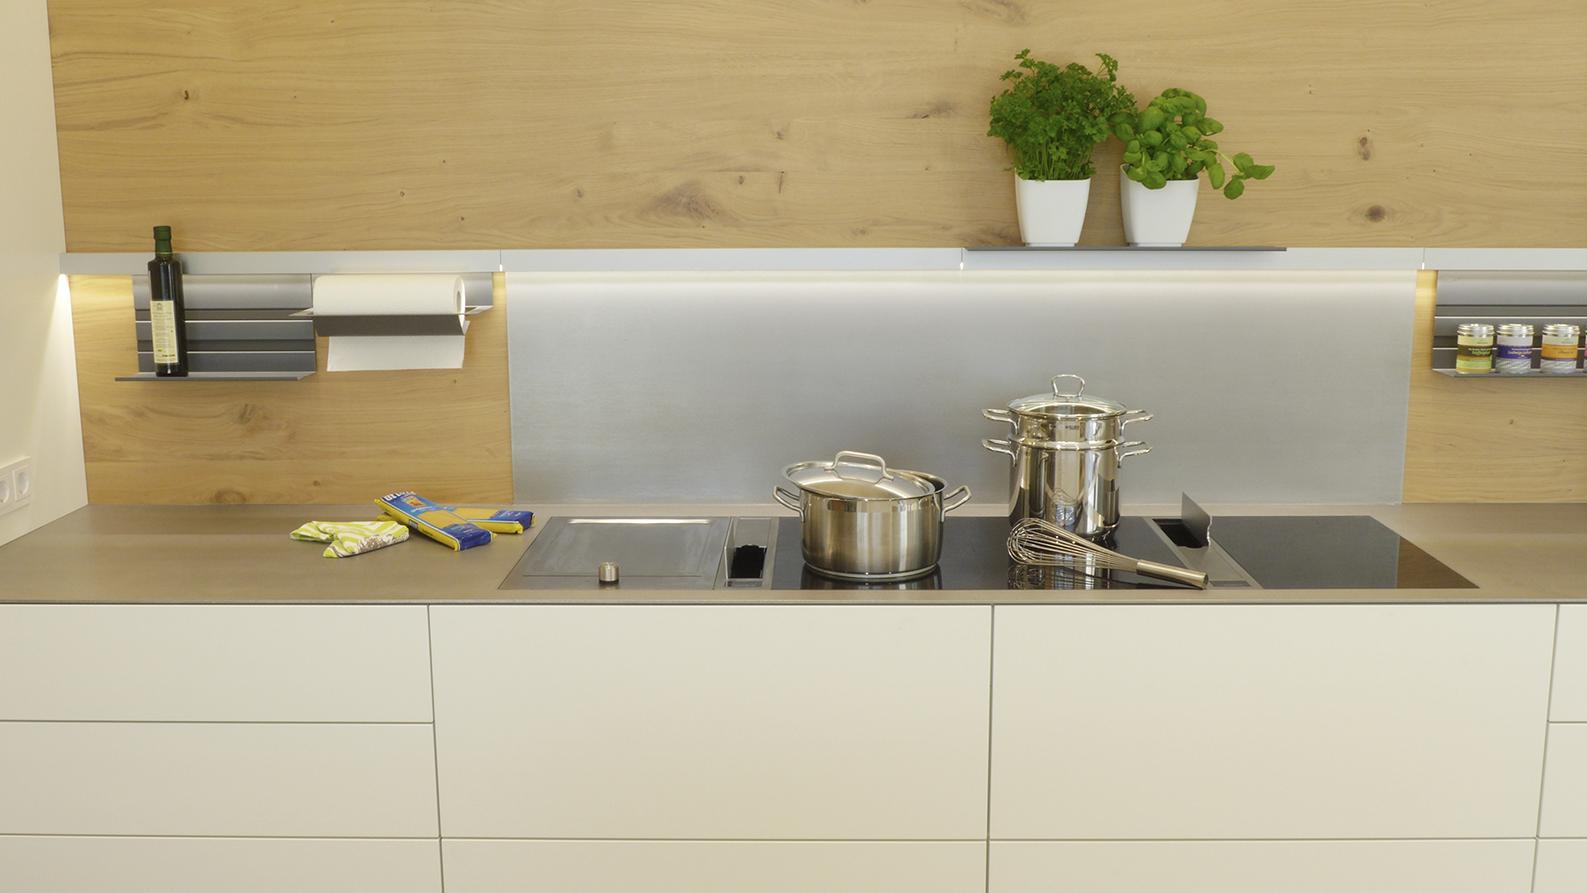 Rabe Innenausbau Küche K 10